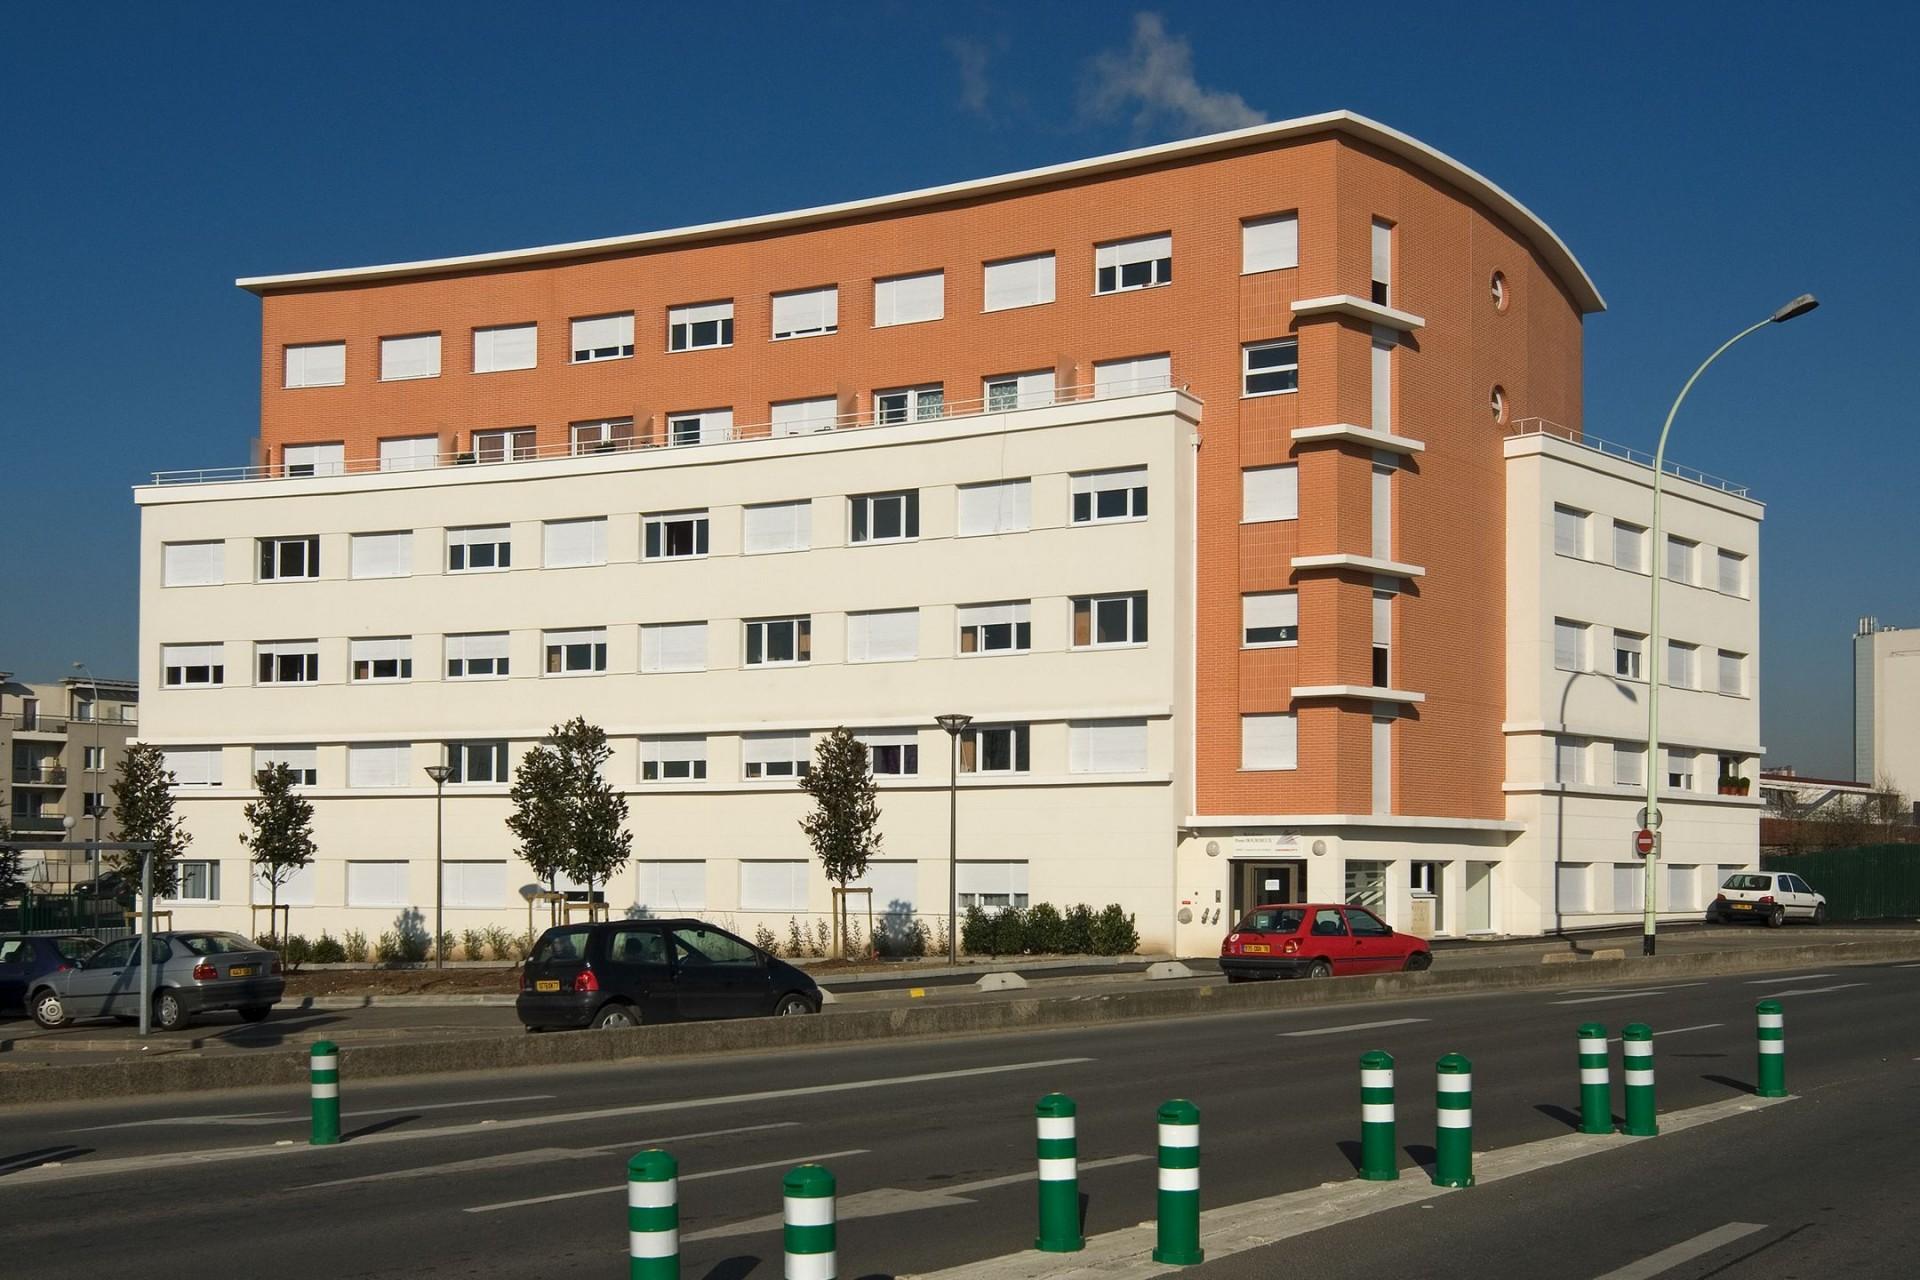 Résidence étudiants de 126 chambres, Bonneuil-sur-Marne (94)